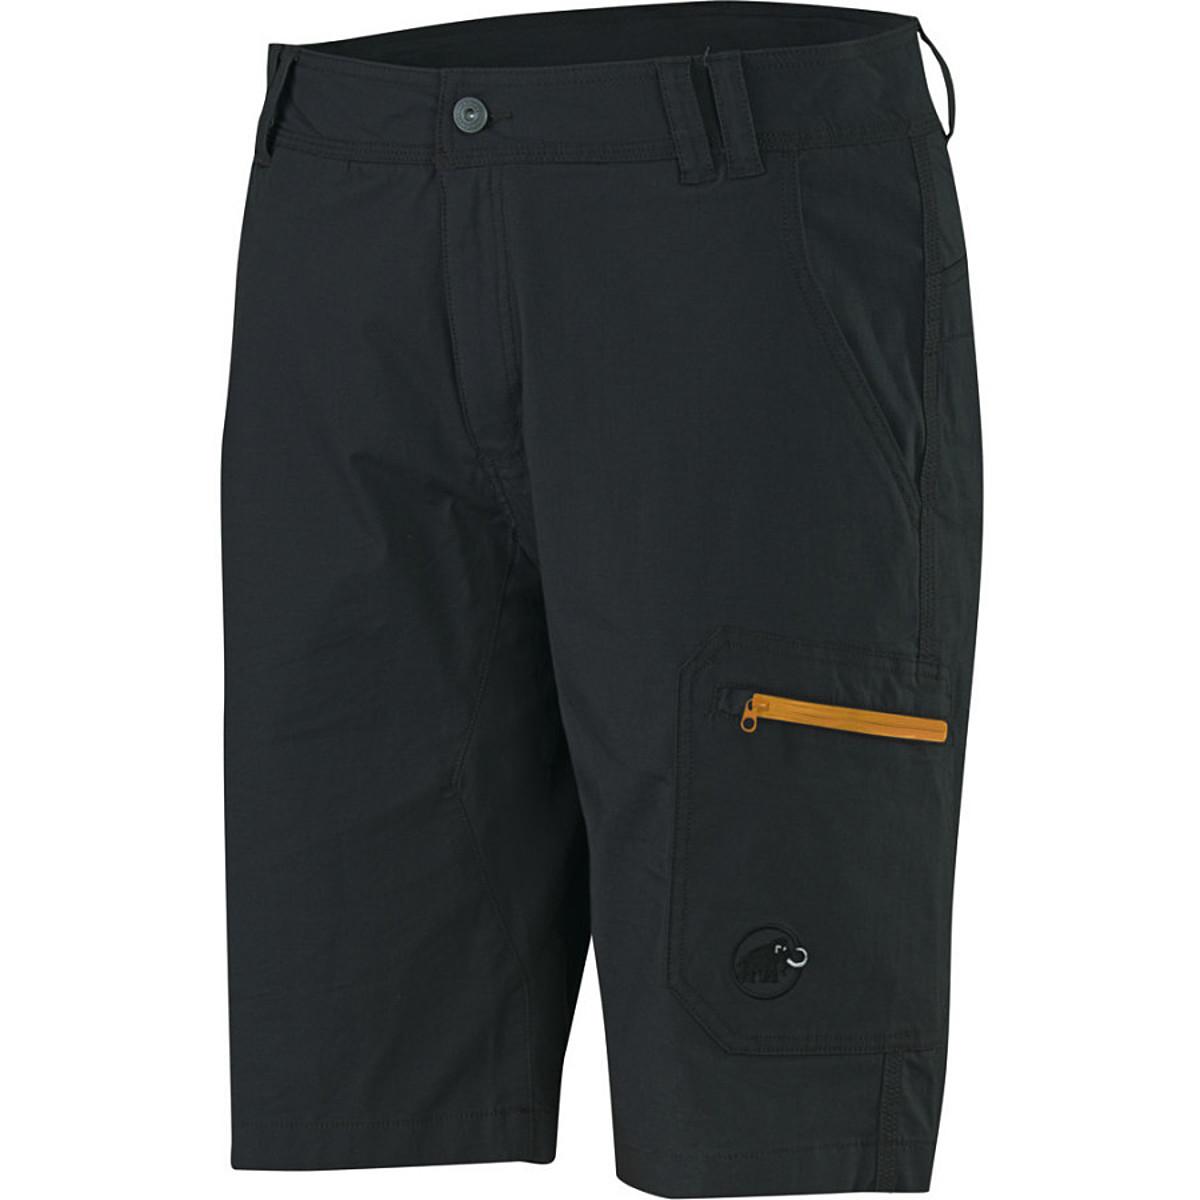 Mammut Zephir Shorts